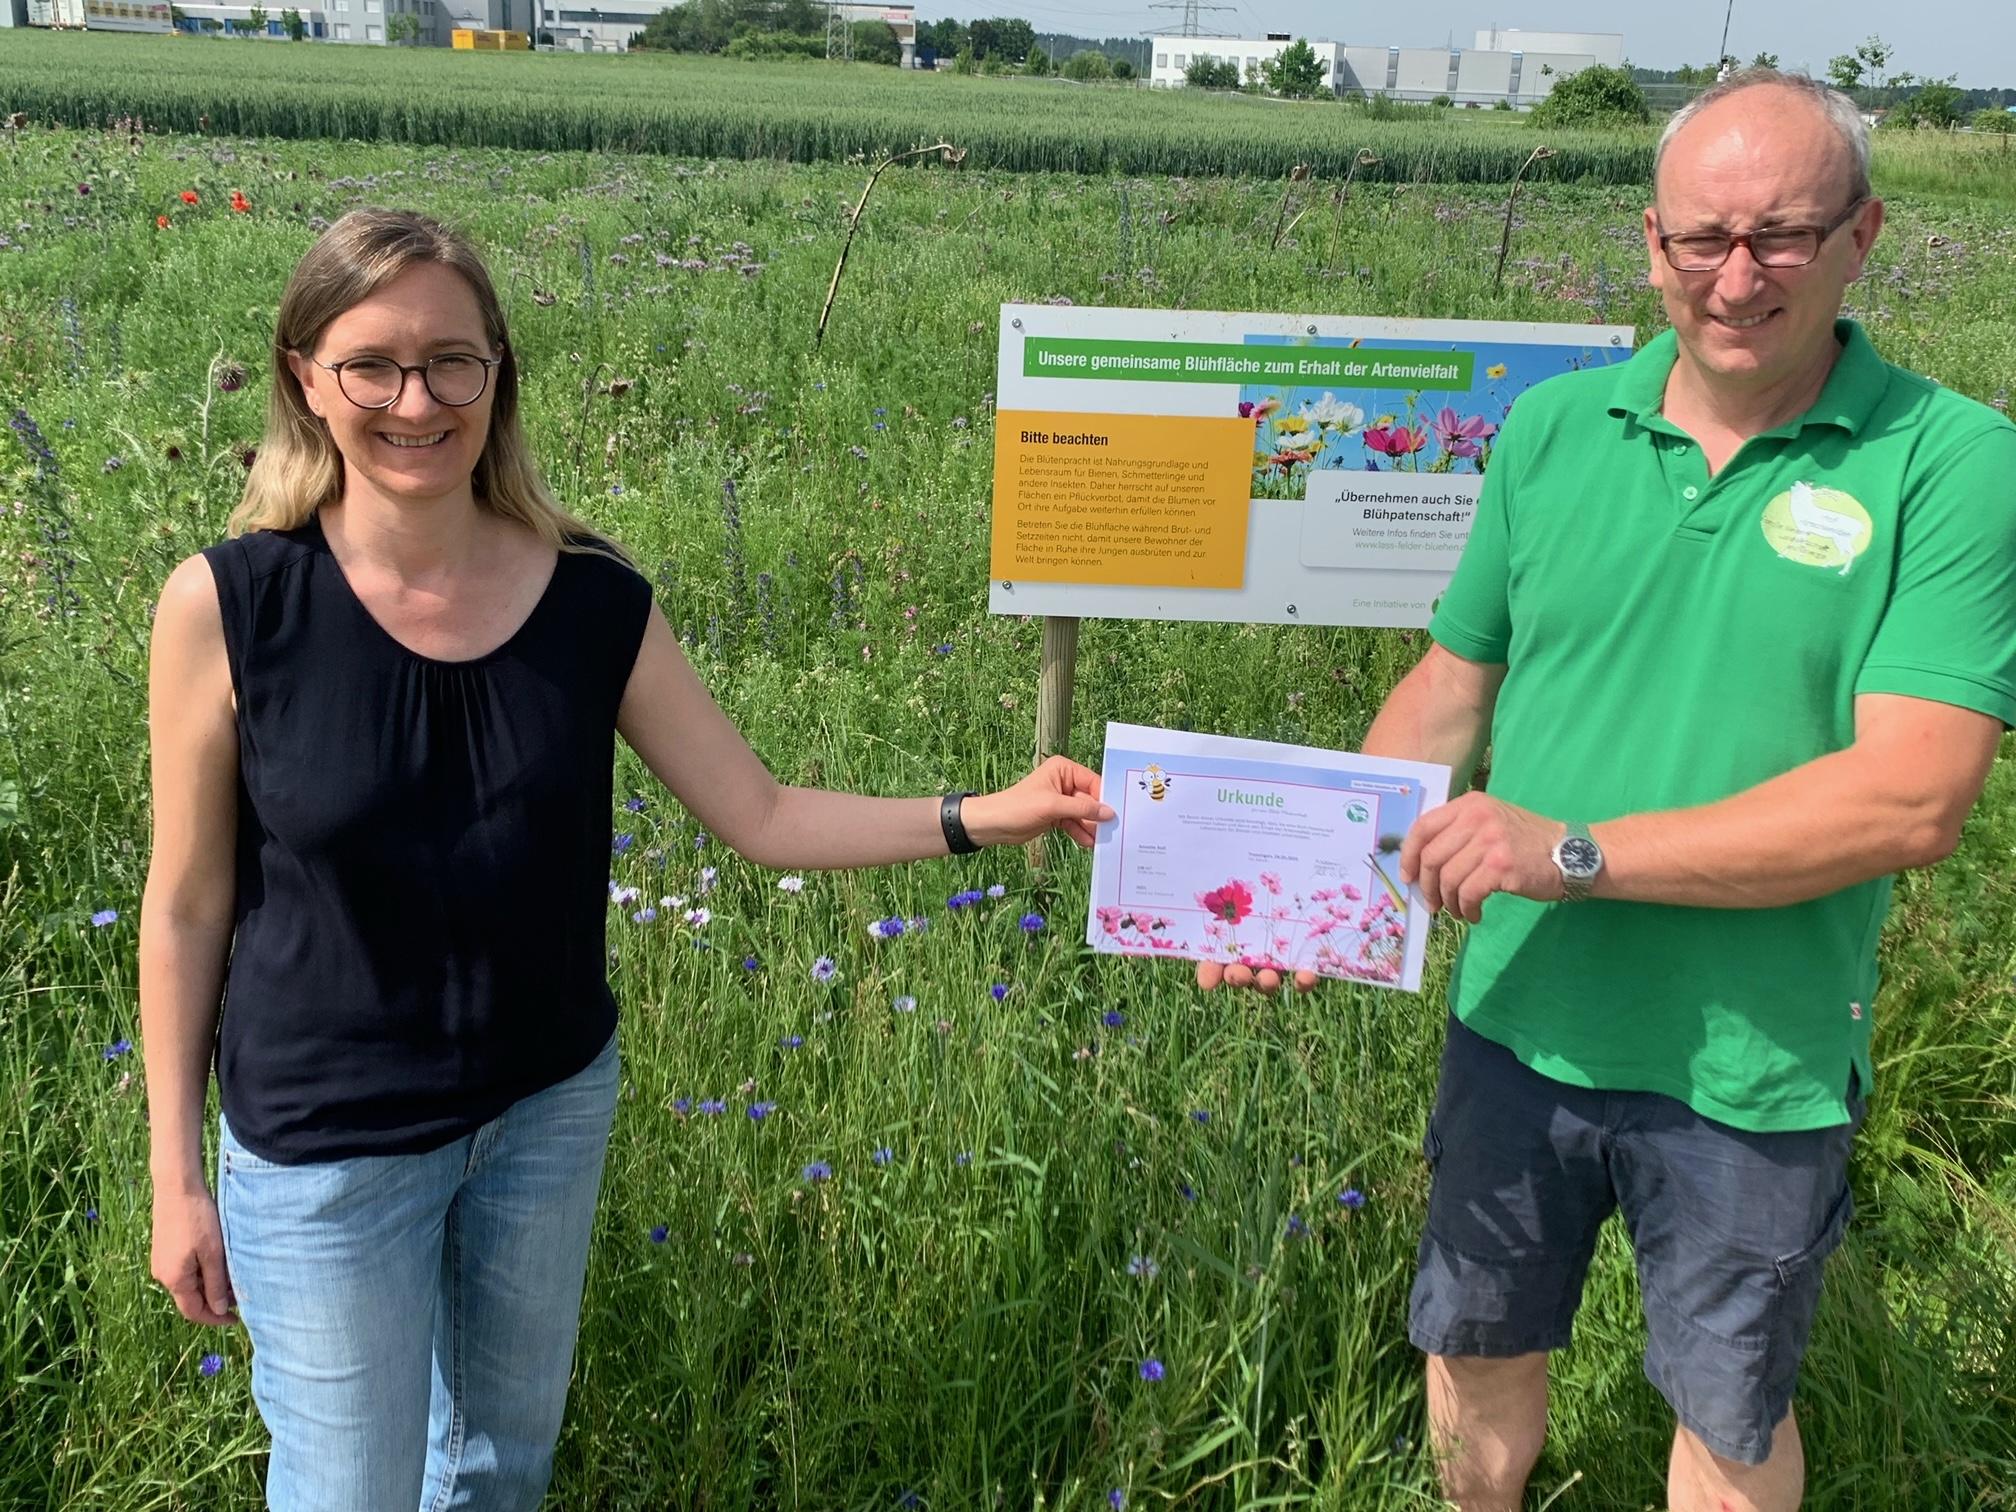 """Pressemitteilung """"Familie Messner aus Trossingen sät Blühpflanzen statt Getreide"""""""